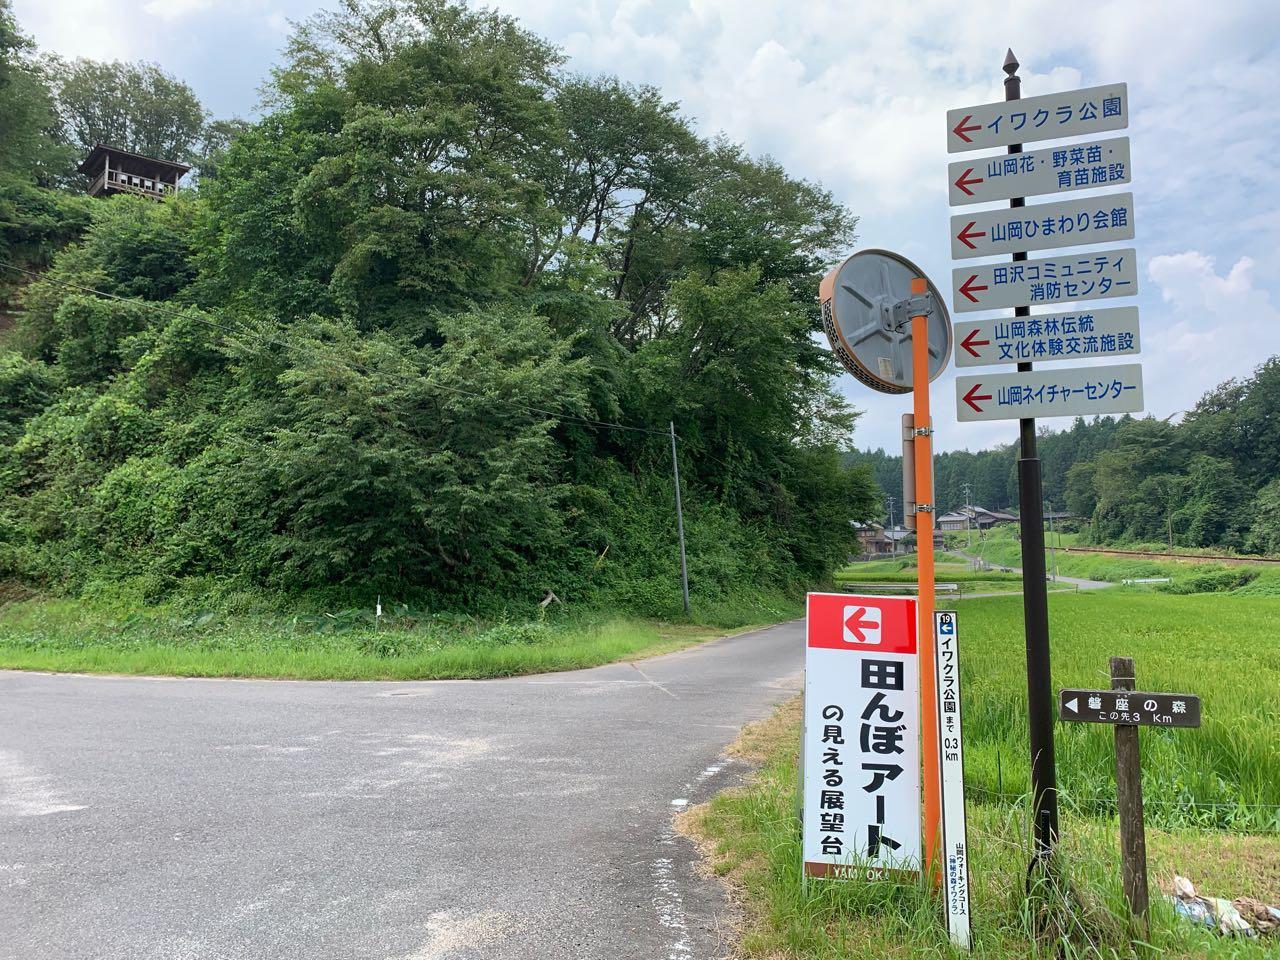 恵那市 山岡町 田んぼアート1